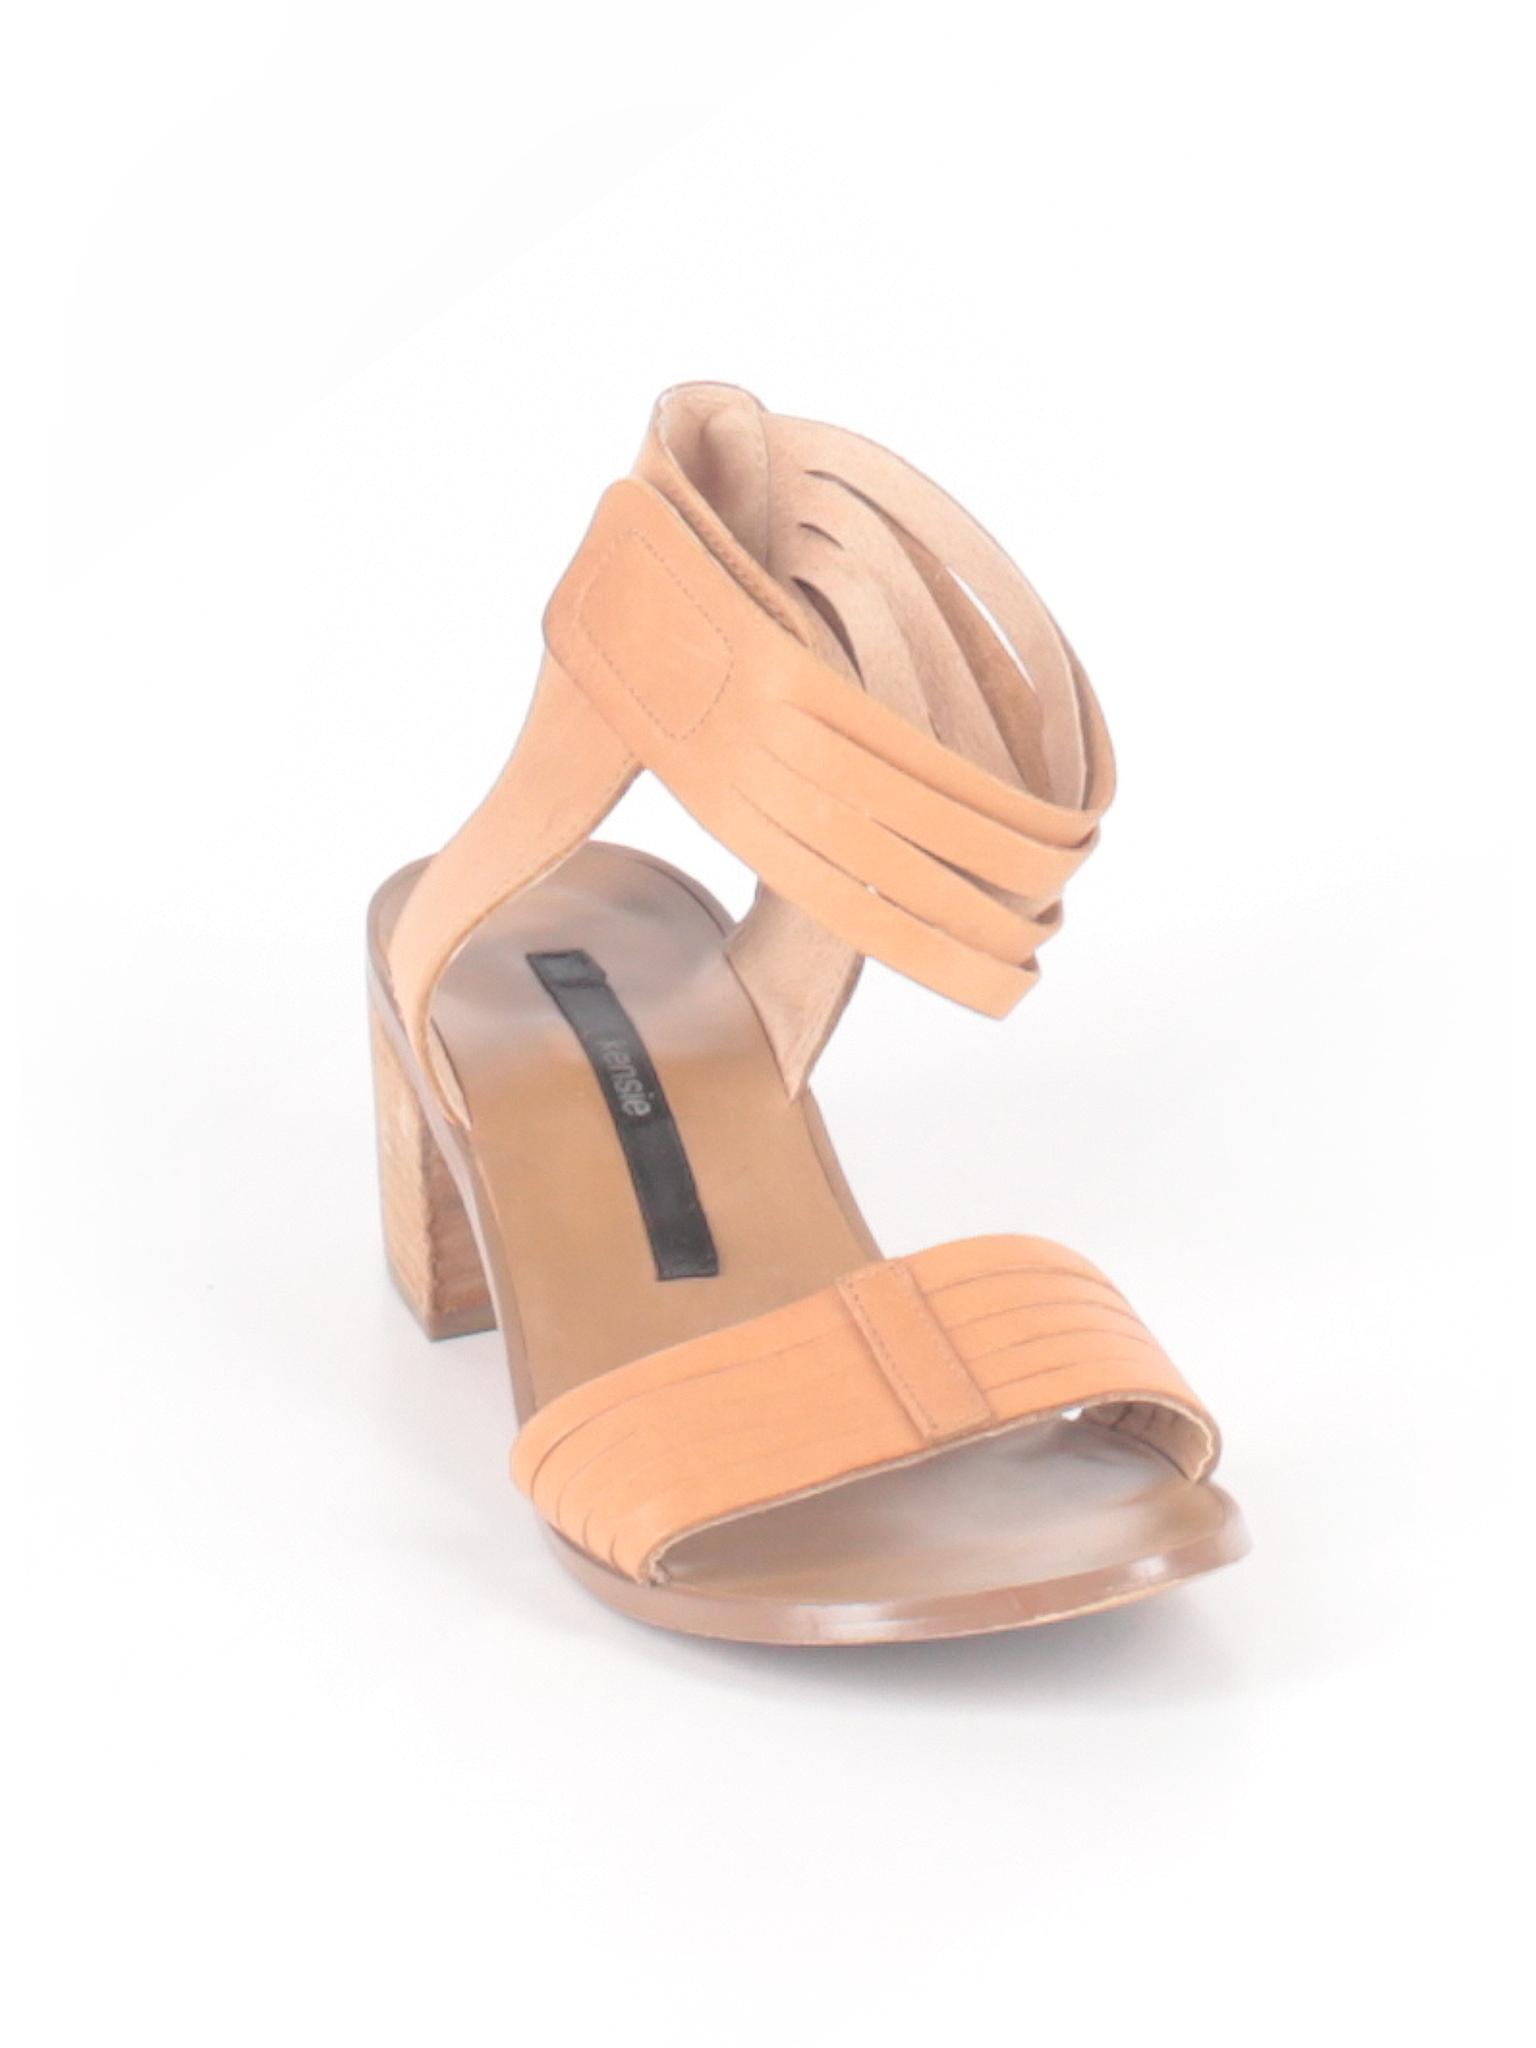 Boutique promotion Kensie Heels promotion Boutique promotion promotion Kensie Kensie Boutique Heels Kensie promotion Boutique Heels Heels Boutique qvIUTw8